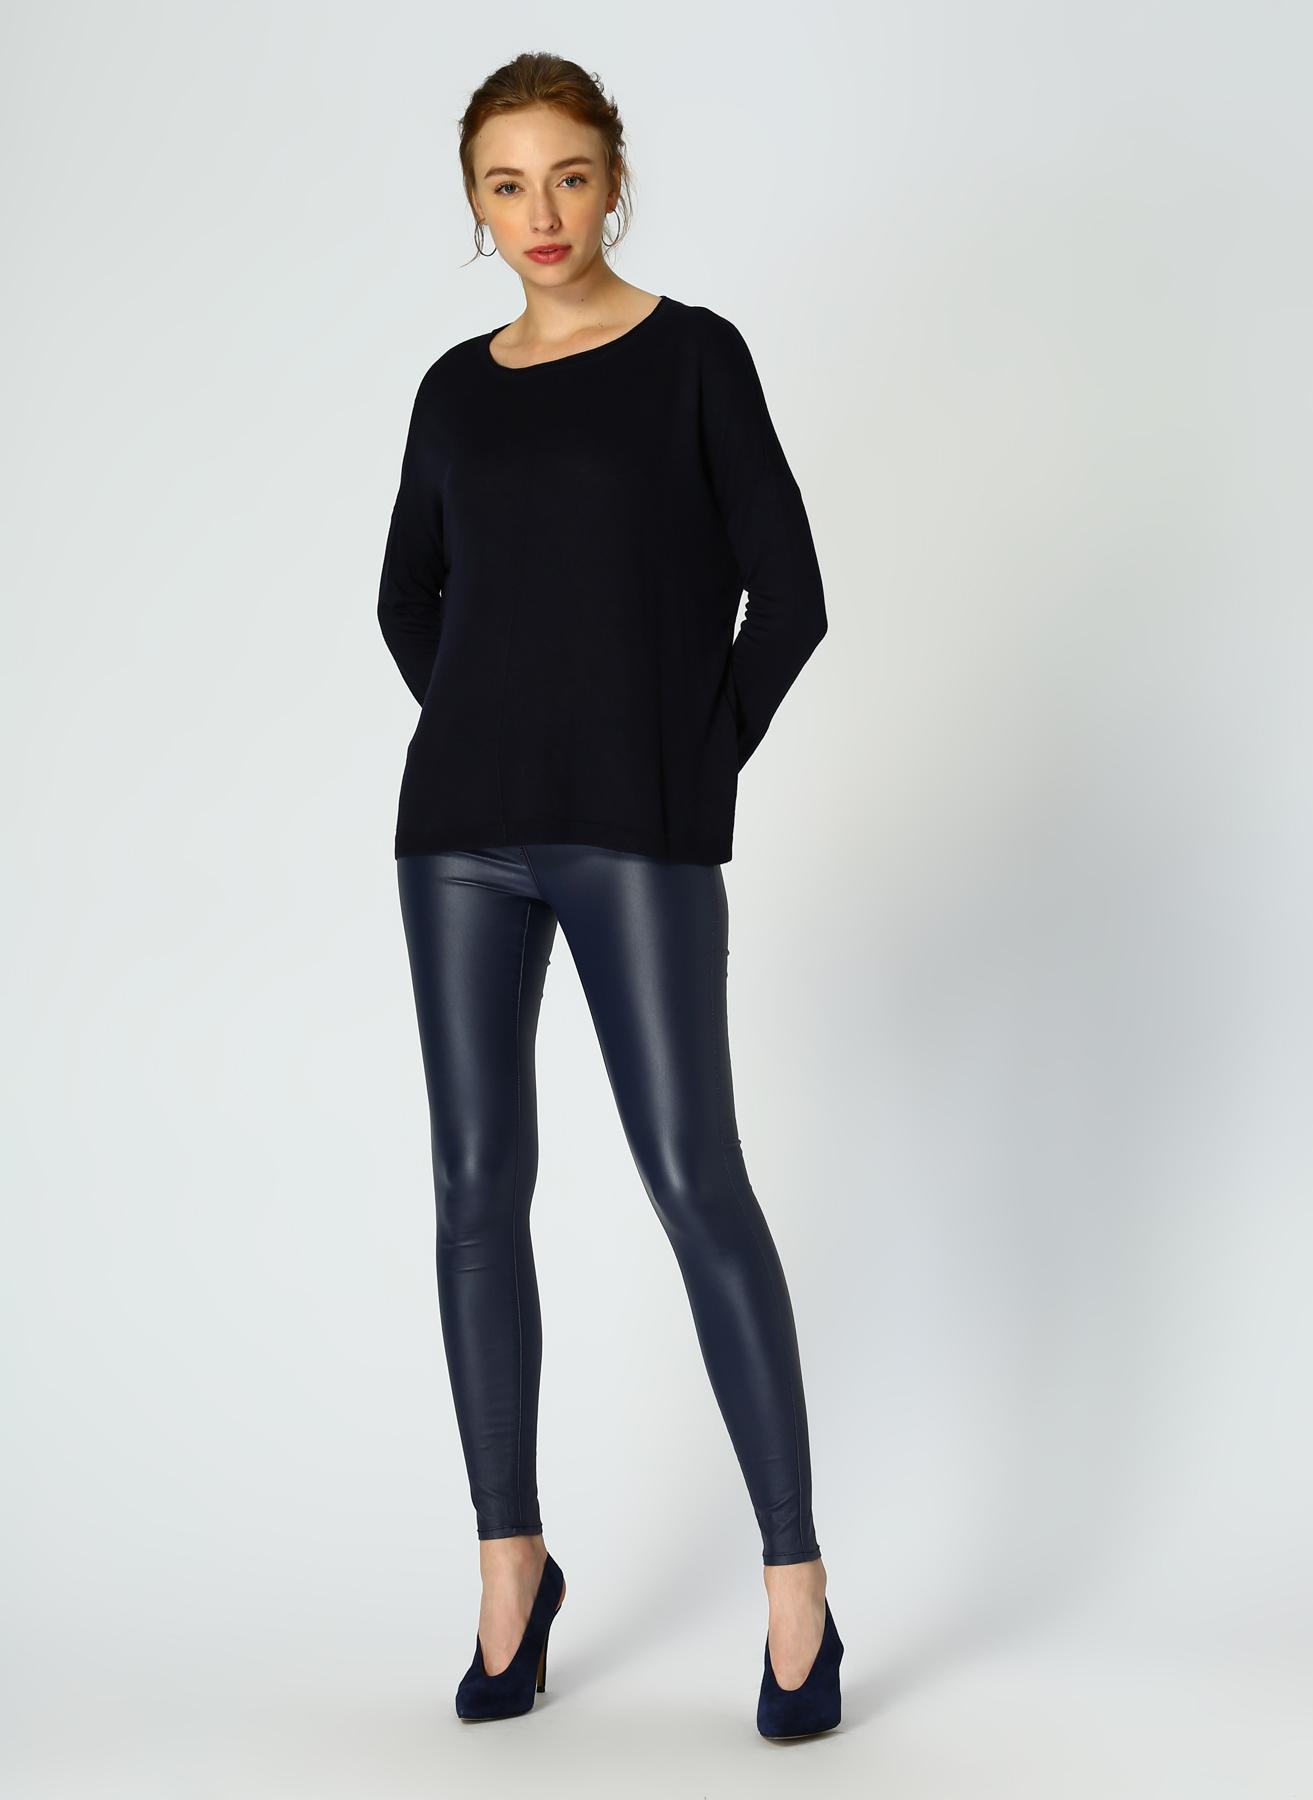 Vero Moda Antrasit Pantolon S 5001705190003 Ürün Resmi